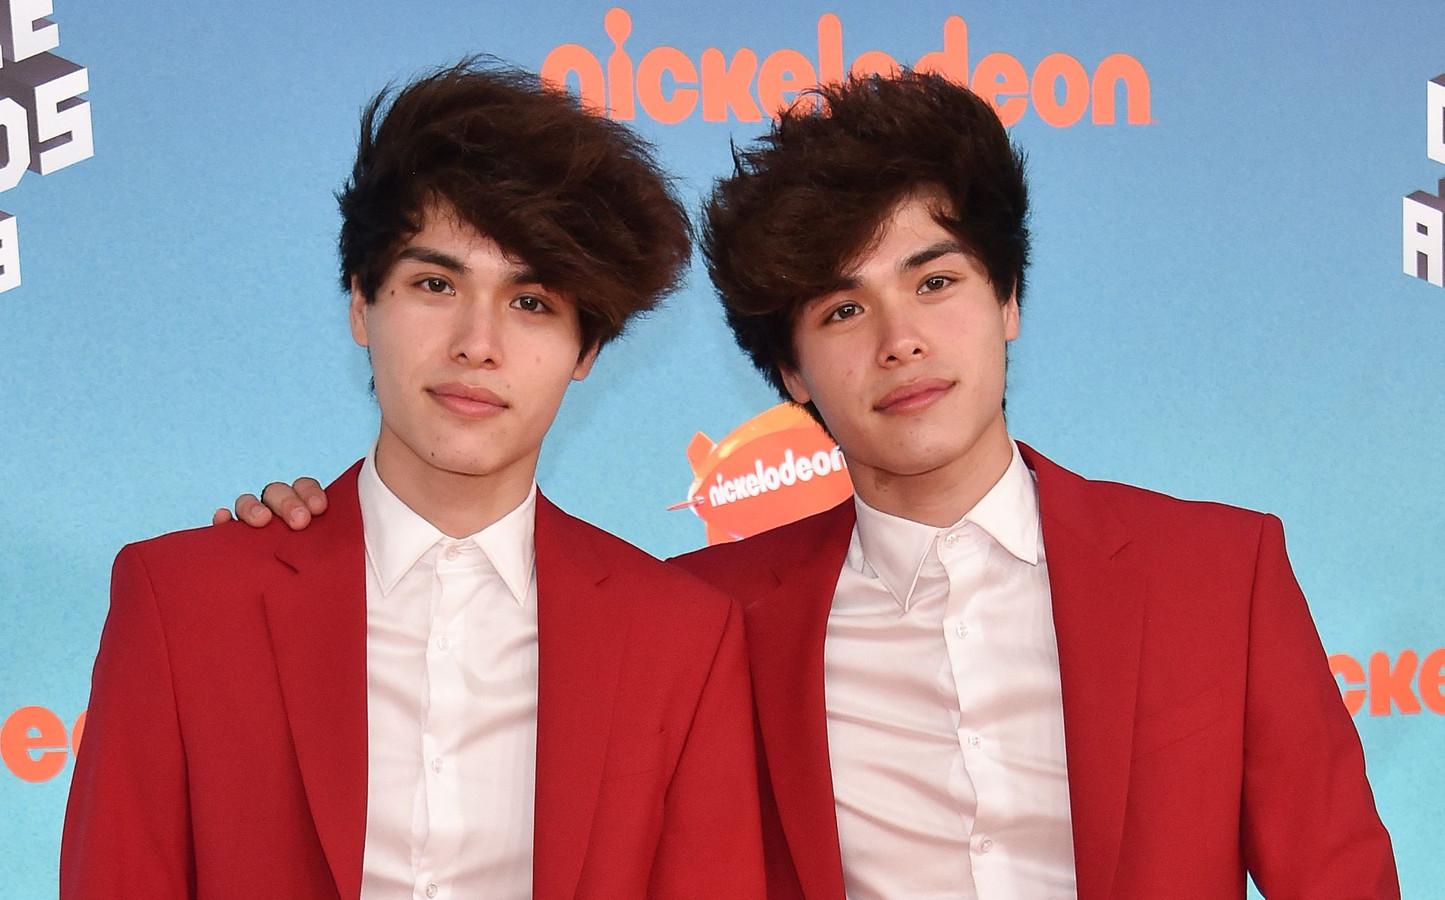 Les frères Alan et Alex Stokes, 23 ans.